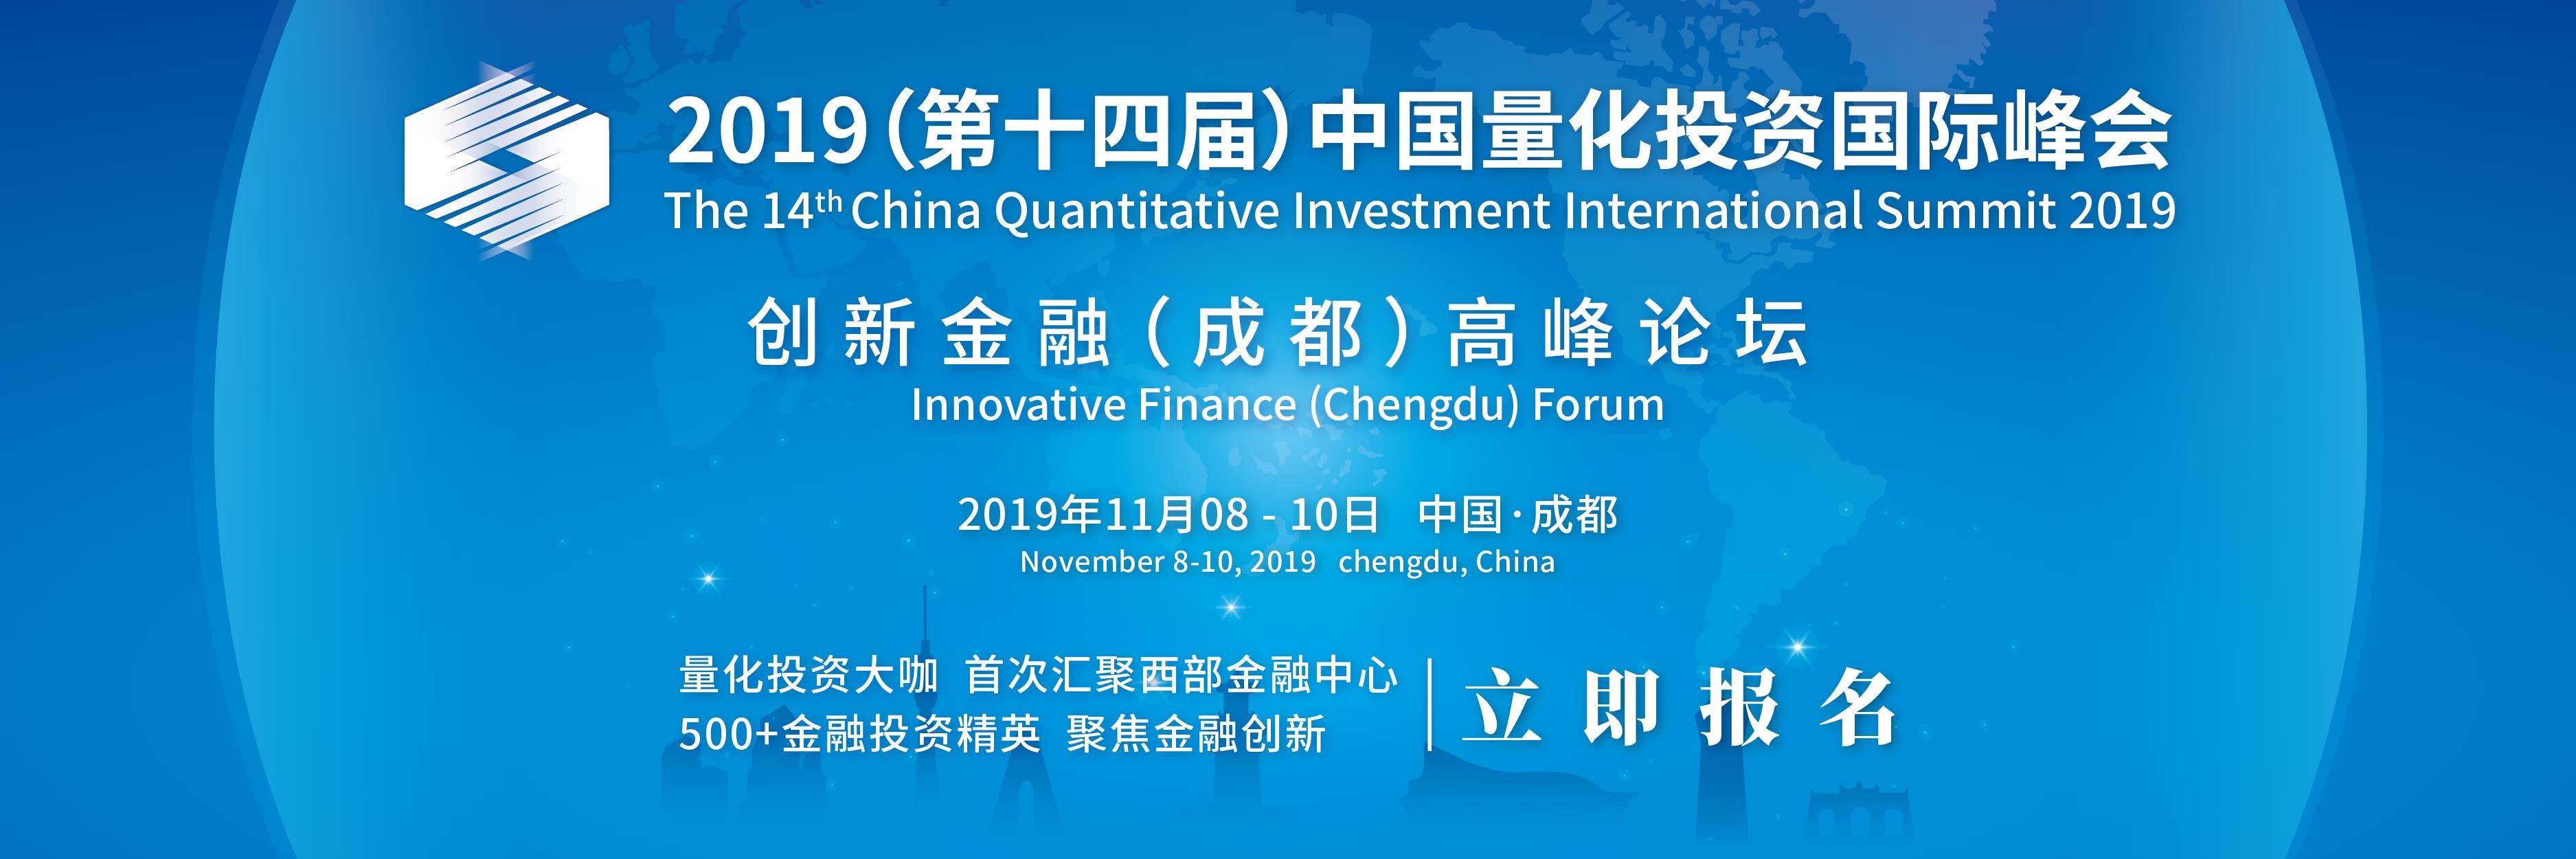 2019中國量化投資國際峰會